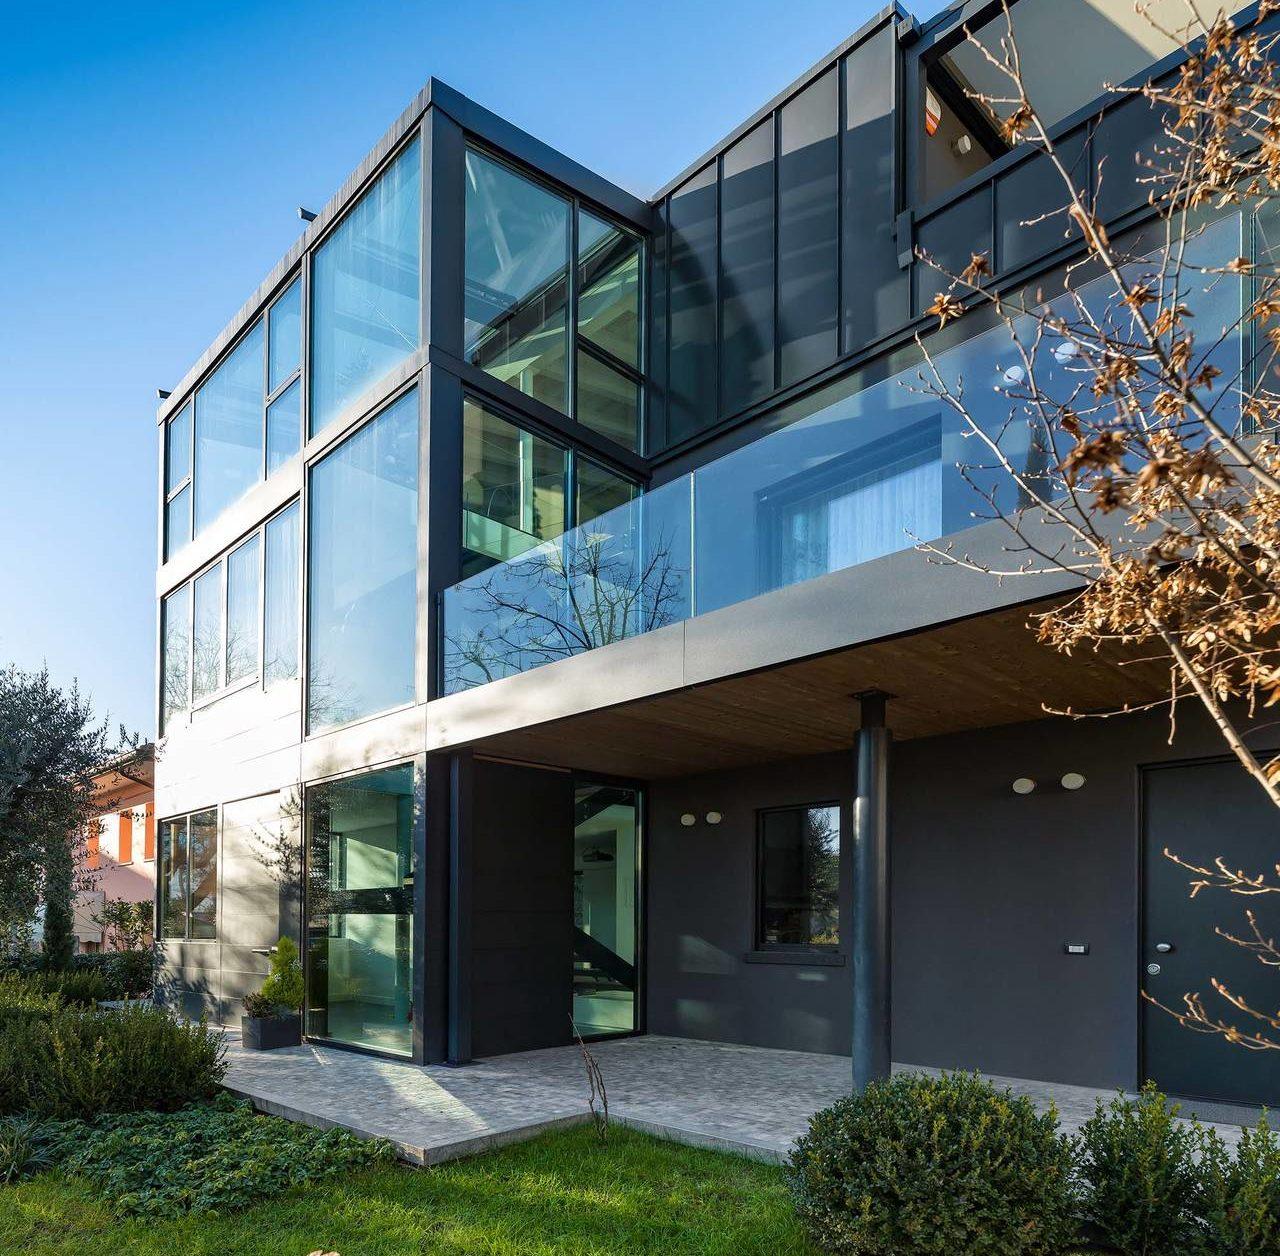 Eclisse per la nuova house ml m r a pordenone area for Aprire i piani casa artigiano concetto